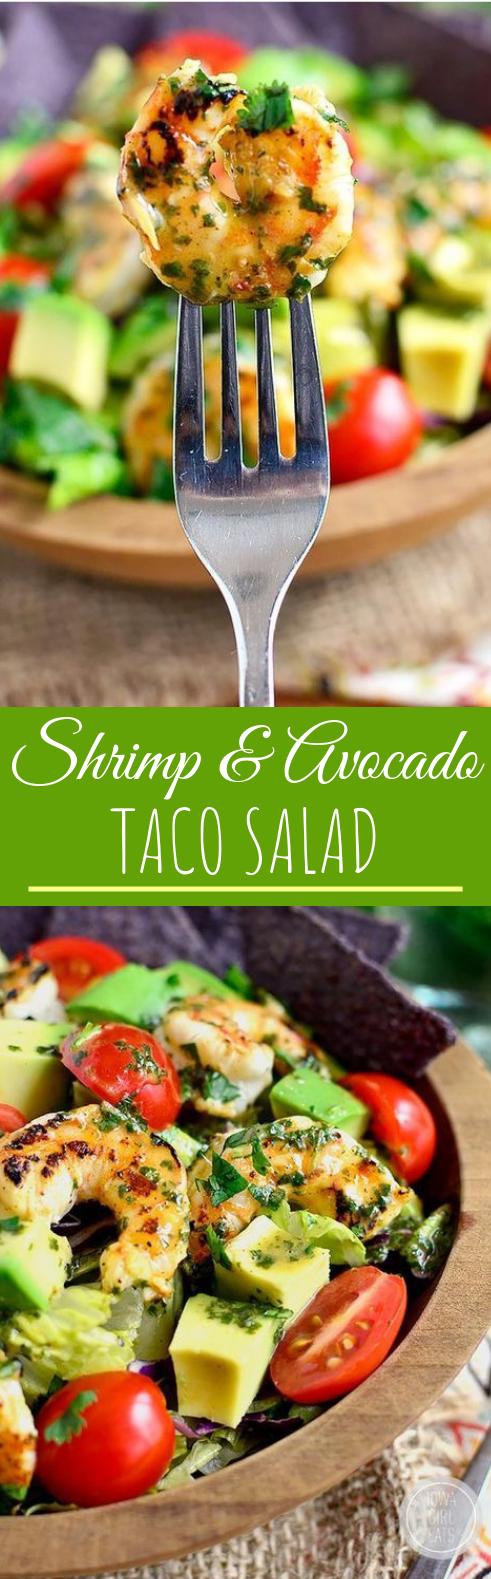 Shrimp and Avocado Taco Salad #healthy #salad